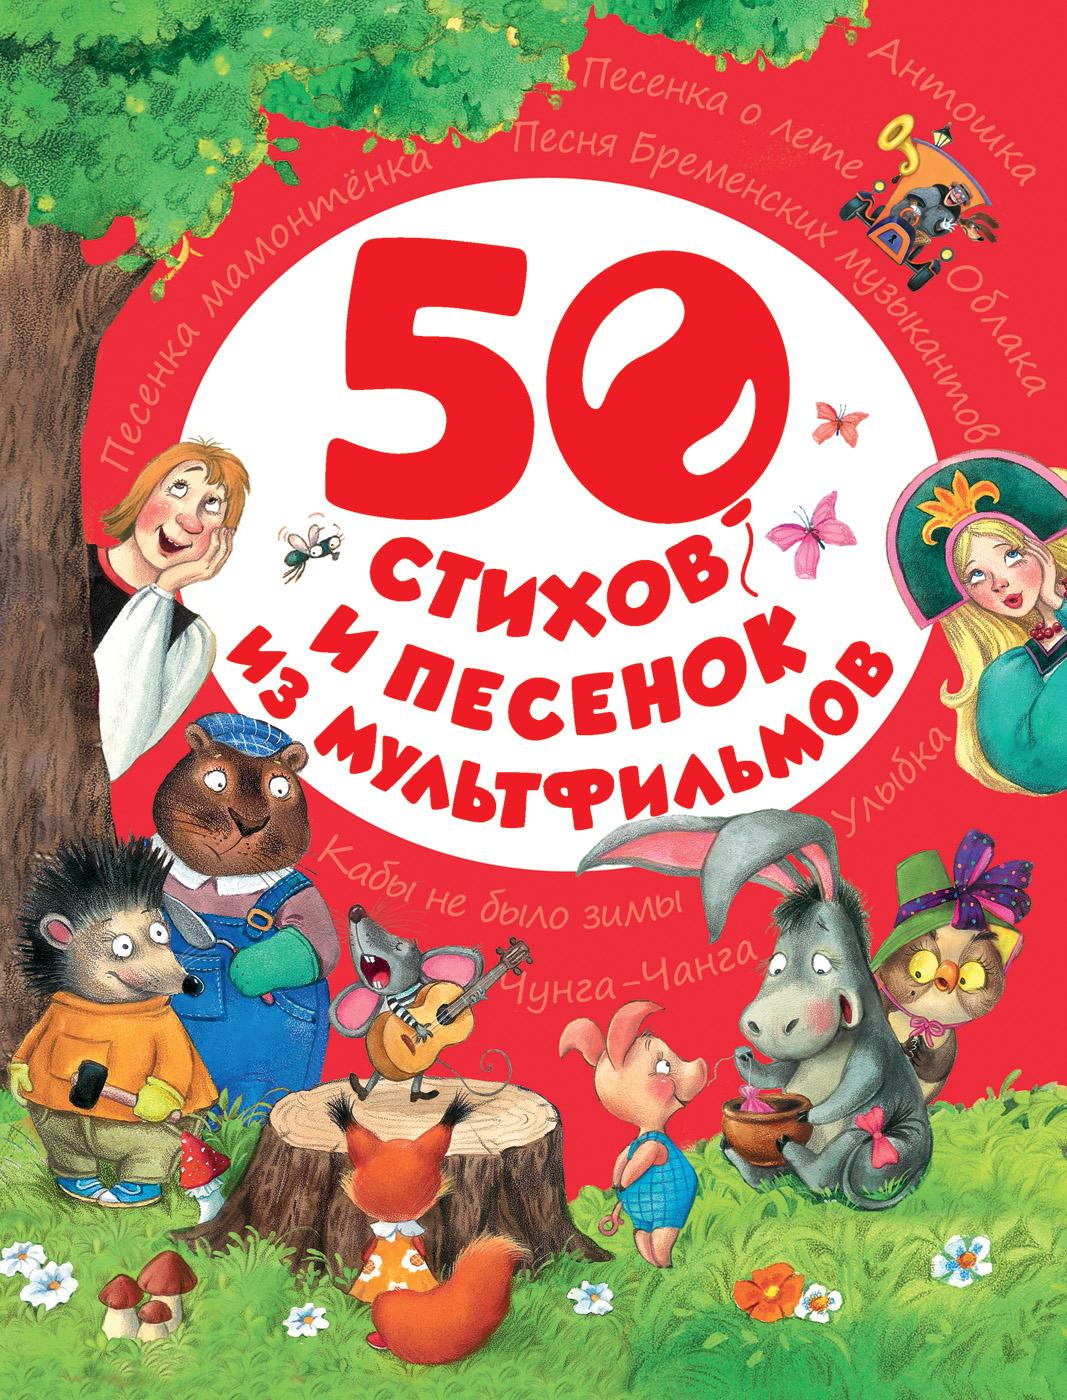 50 стихов и песенок из мультфильмов художественные книги росмэн книга 50 стихов и песенок из мультфильмов